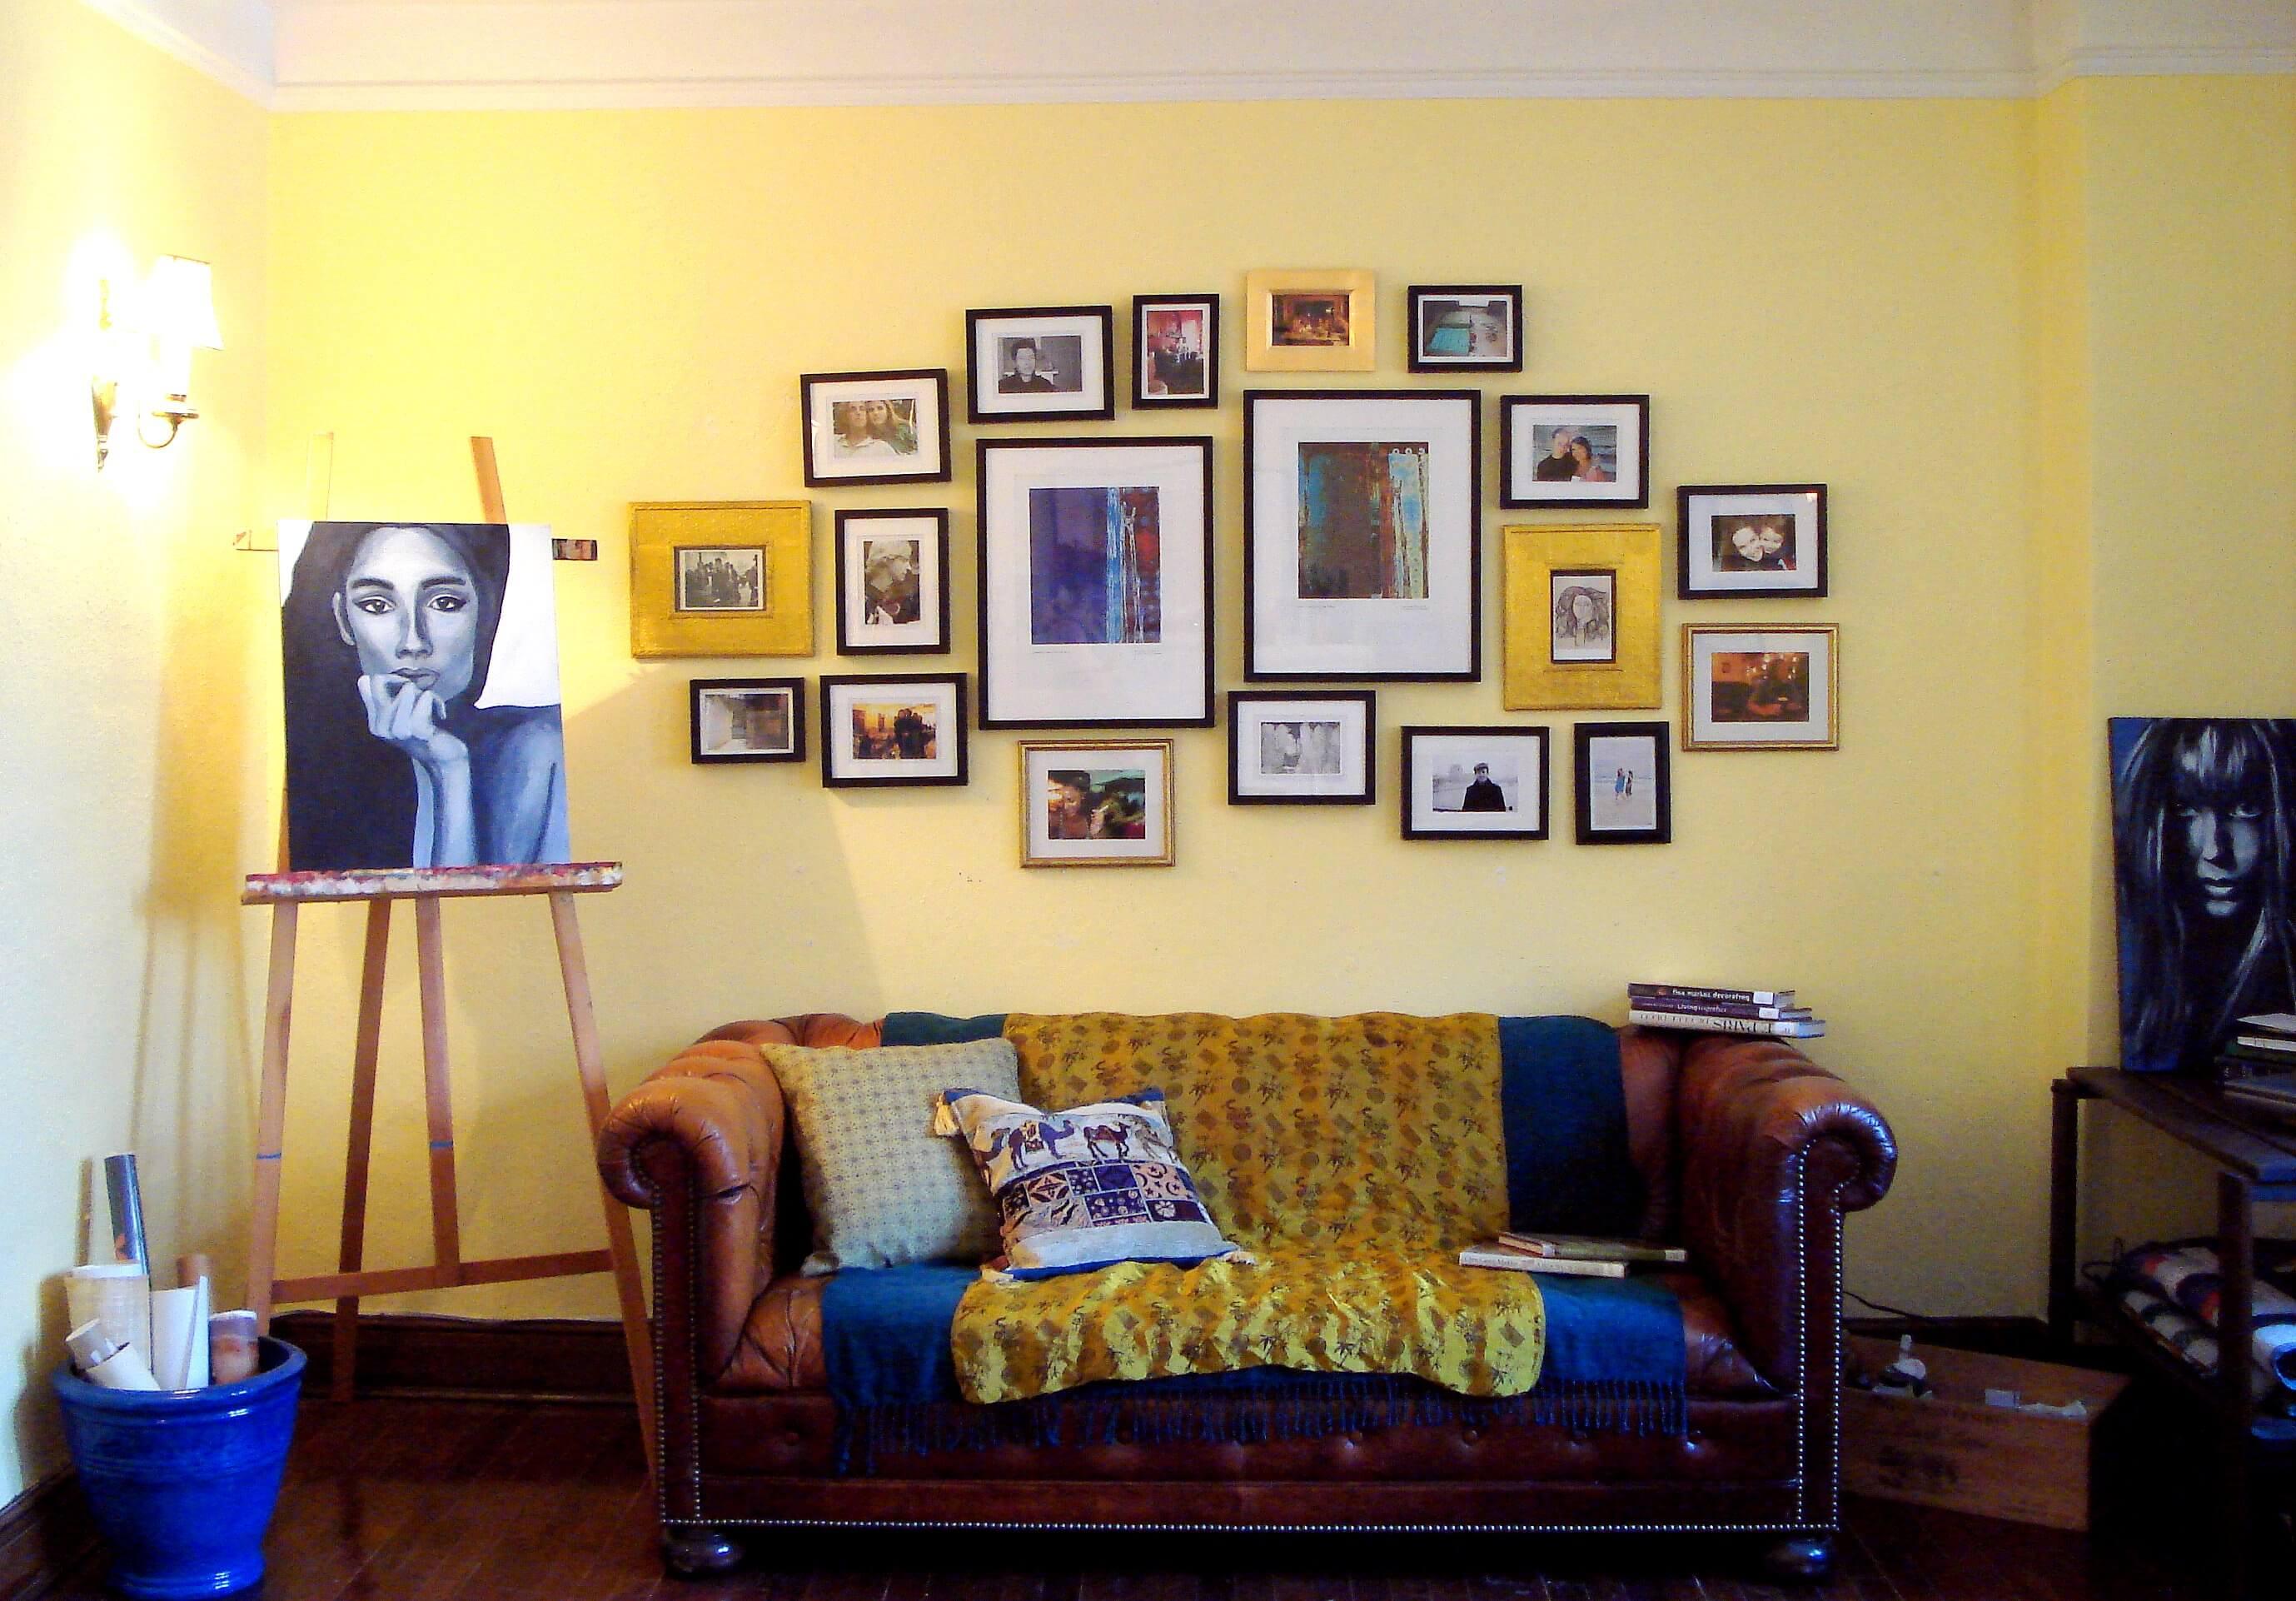 Hulp bij kleuren kiezen de kleurencirkel tips advies for Kleuren huiskamer